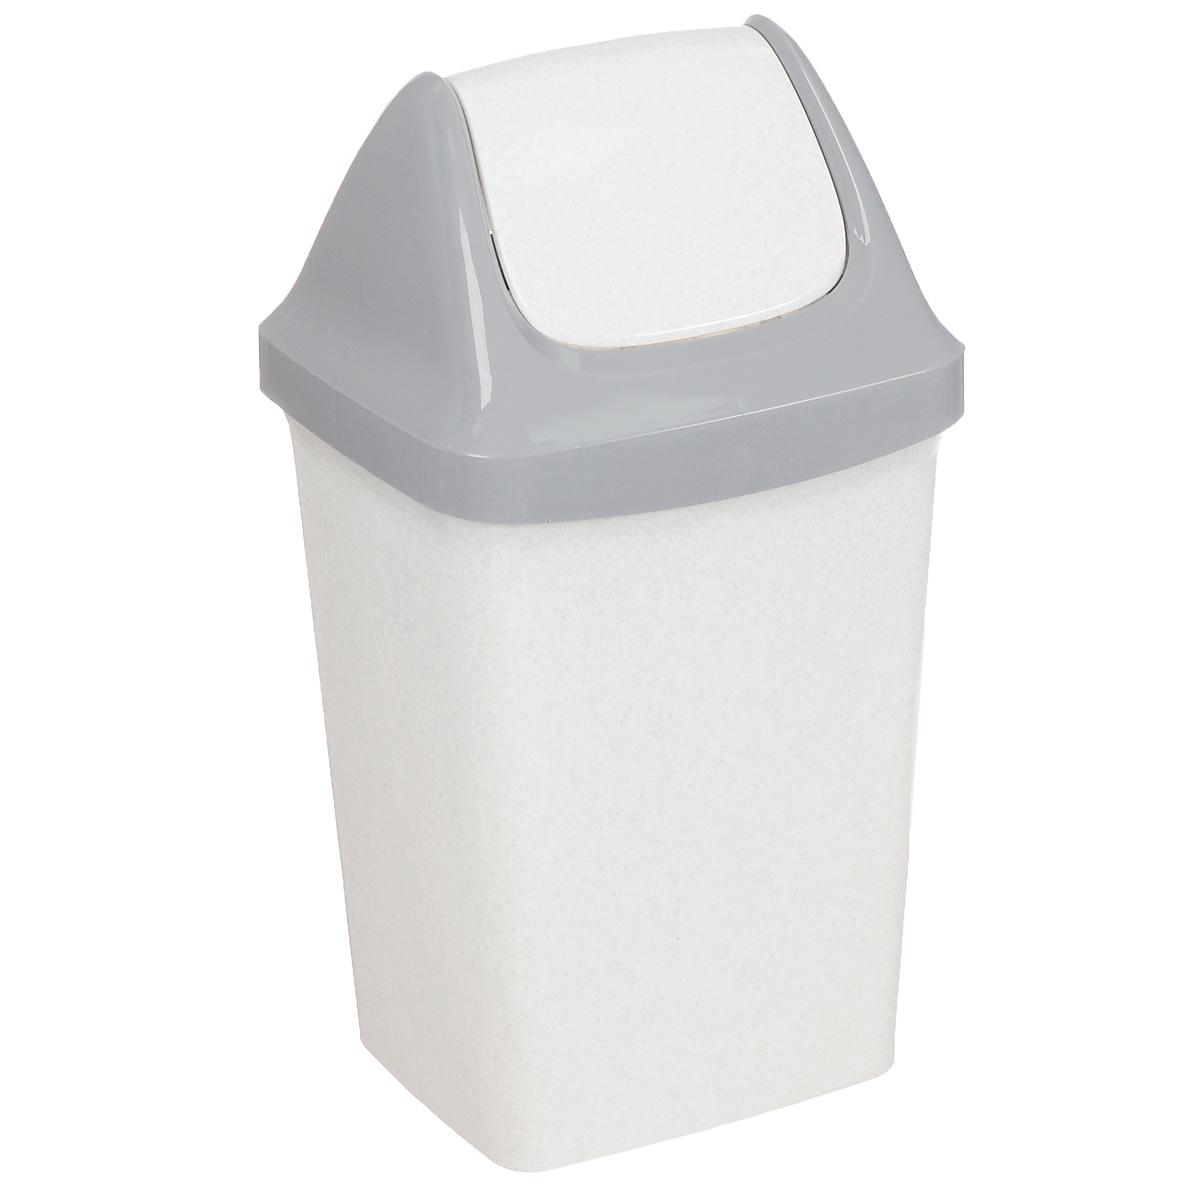 Контейнер для мусора Idea Свинг, цвет: белый мрамор, 25 лМ 2463Контейнер для мусора Idea Свинг изготовлен из прочного полипропилена (пластика). Контейнер снабжен удобной съемной крышкой с подвижной перегородкой. Благодаря лаконичному дизайну такой контейнер идеально впишется в интерьер и дома, и офиса.